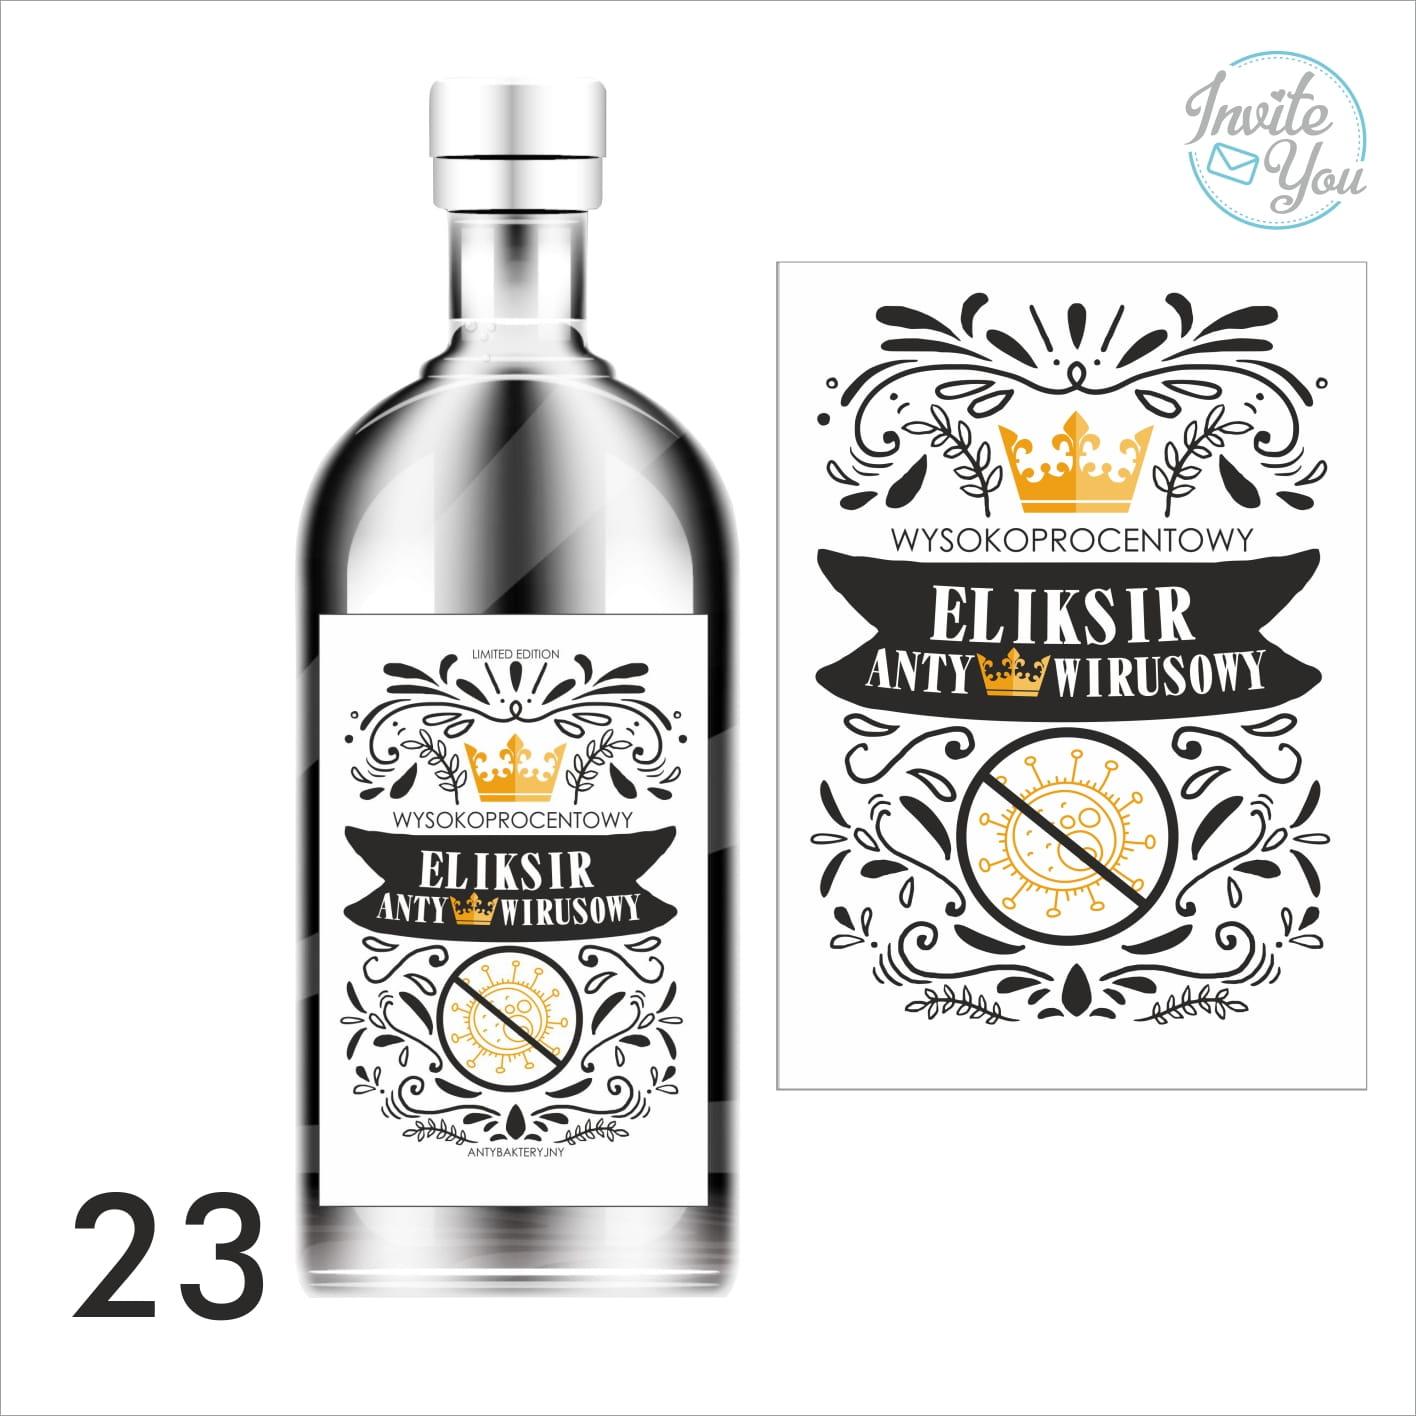 Etykiety Naklejki Na Alkohol Eliksir Antywirusowy Zestaw 10 Szt